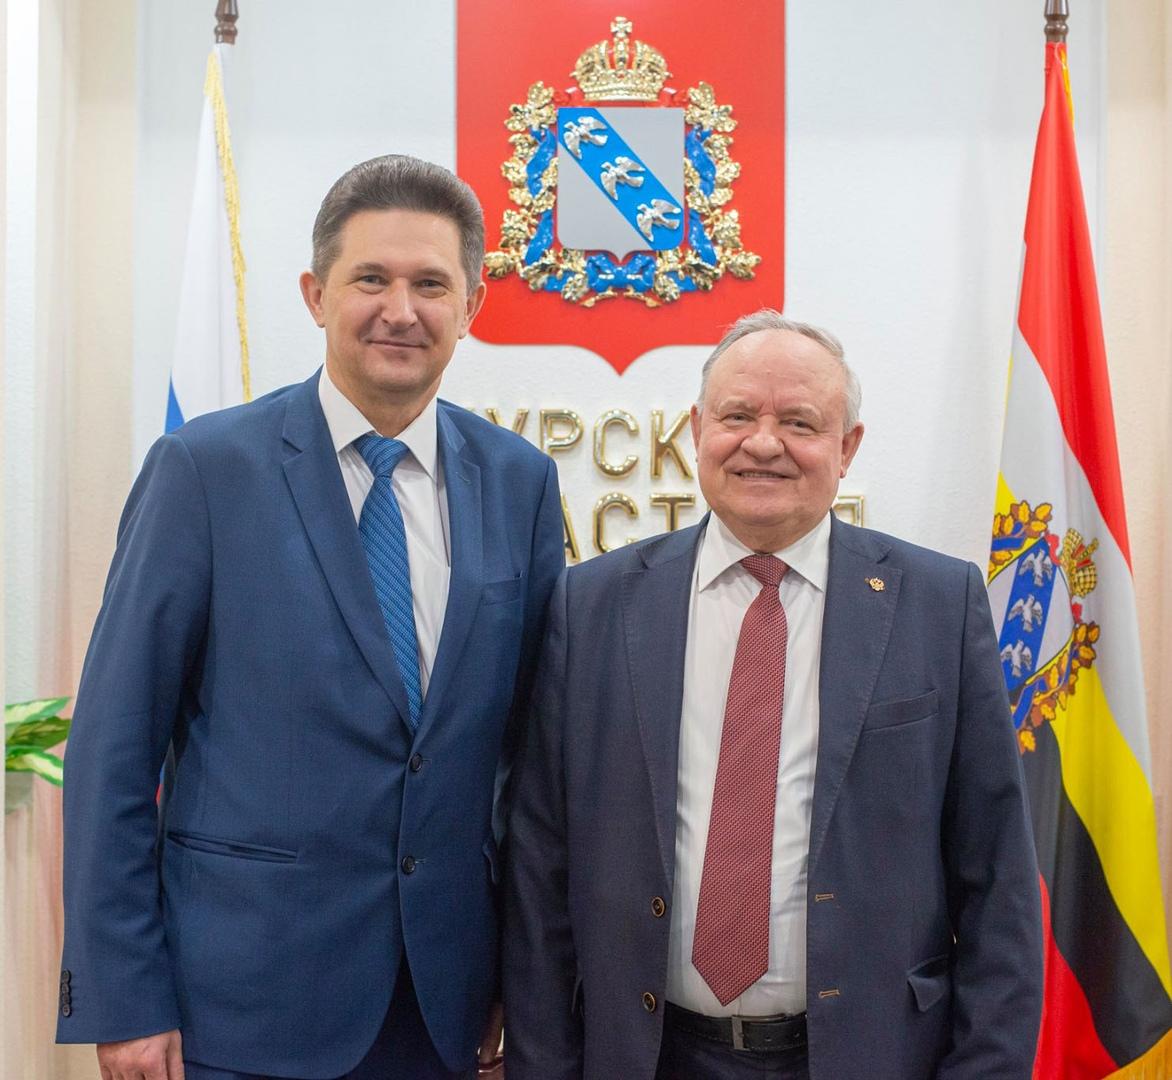 Ректор ЮЗГУ и экс-председатель облсуда стали Почётными гражданами Курской области